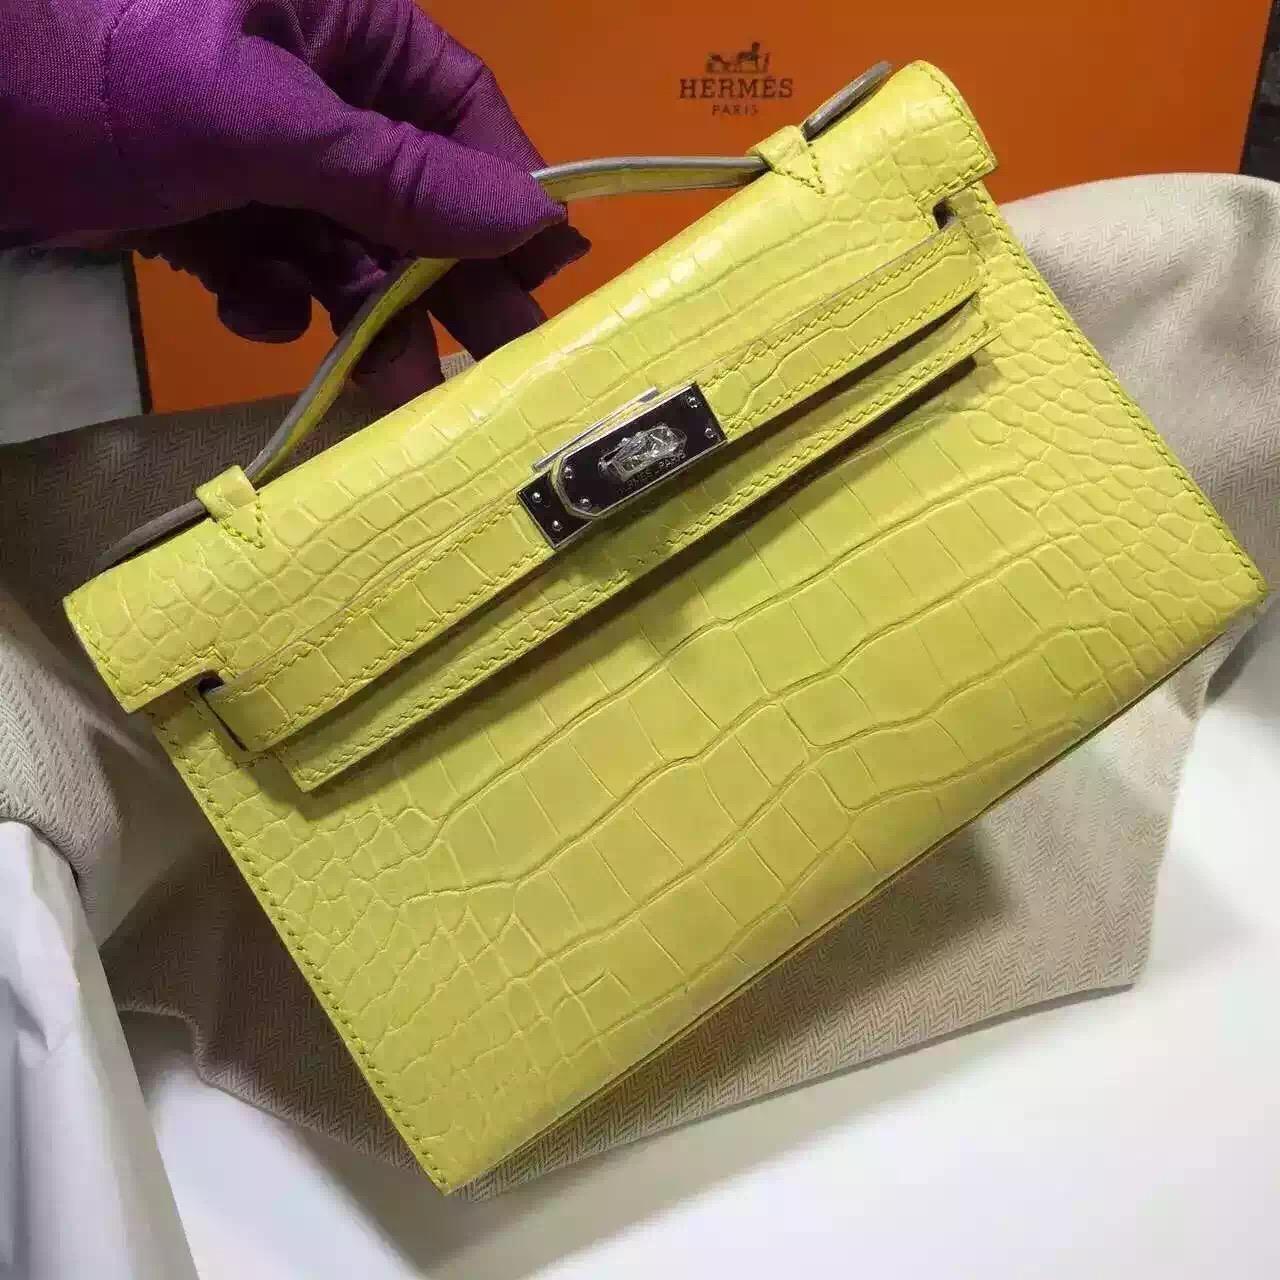 Discount Hermes Crocodile Skin Mini Kelly Bag in 9K Lemon Yellow Women's Clutch